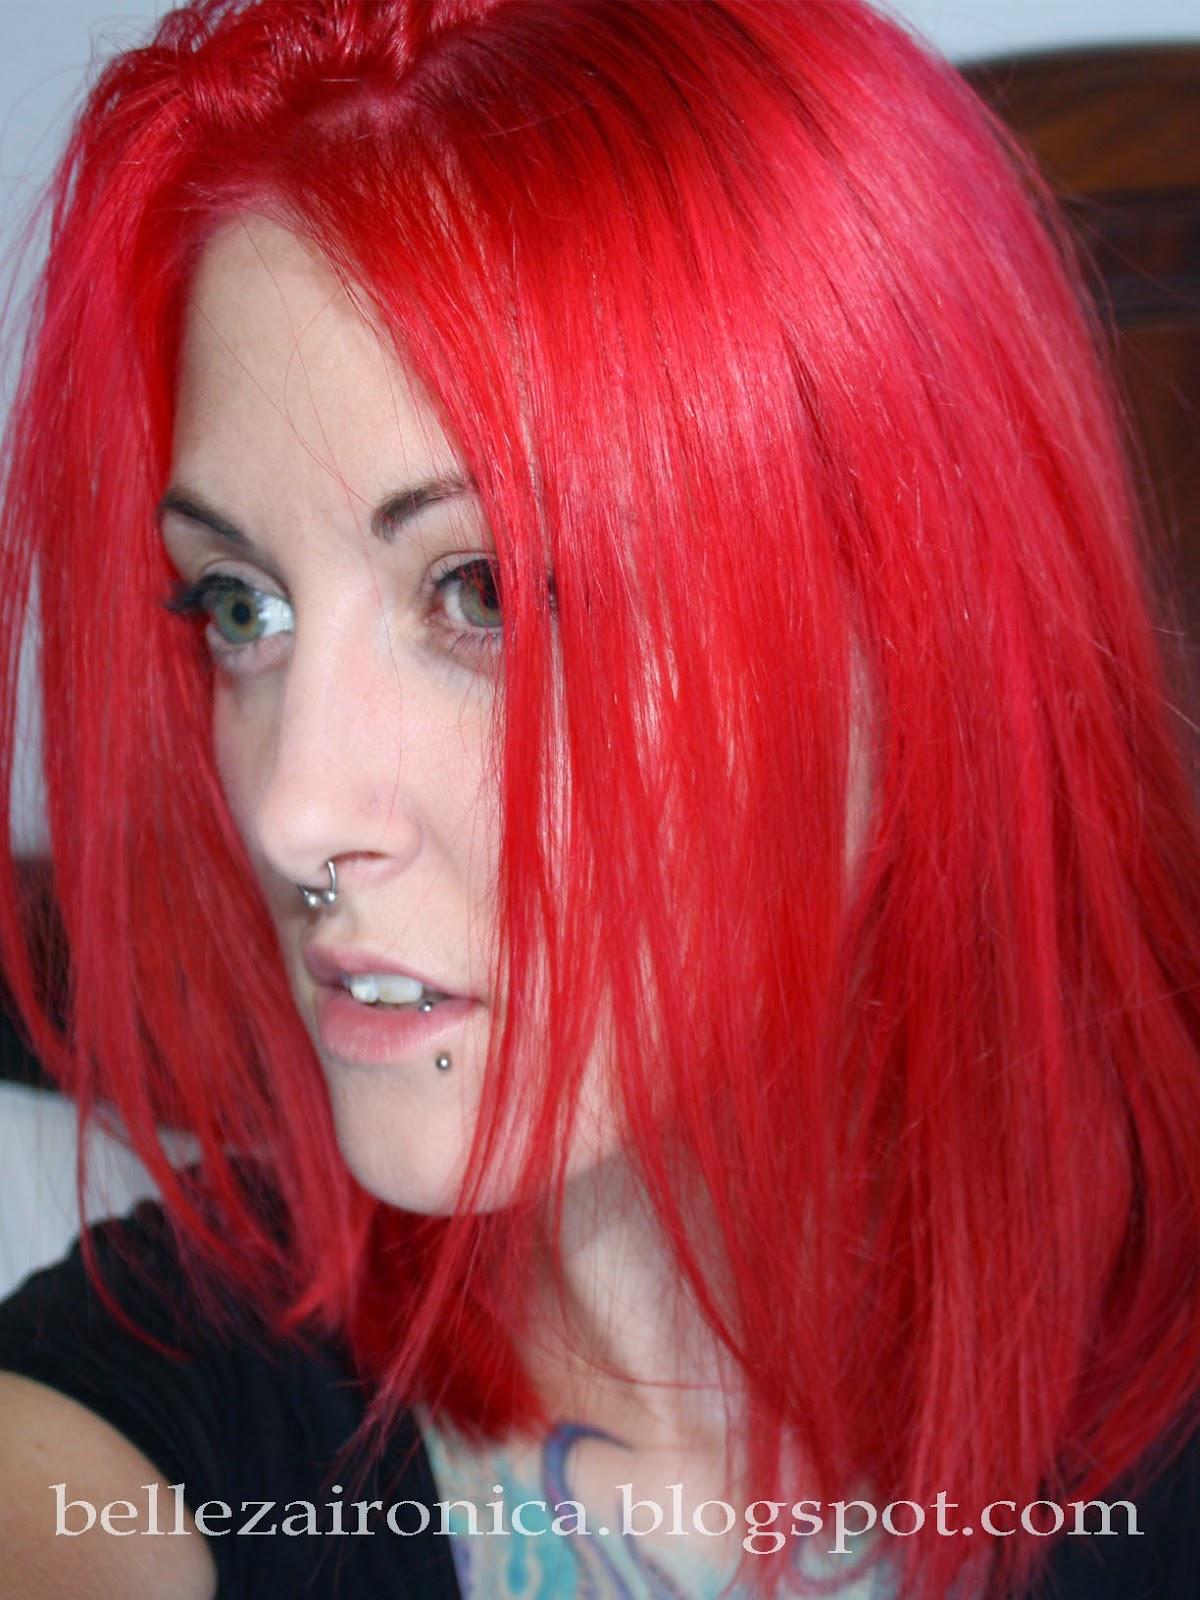 Belleza Ironica Tintes Fantasia Rojo Vecinos ahogan a una niña de 4 años en un intento expulsar sus demonios. belleza ironica blogger